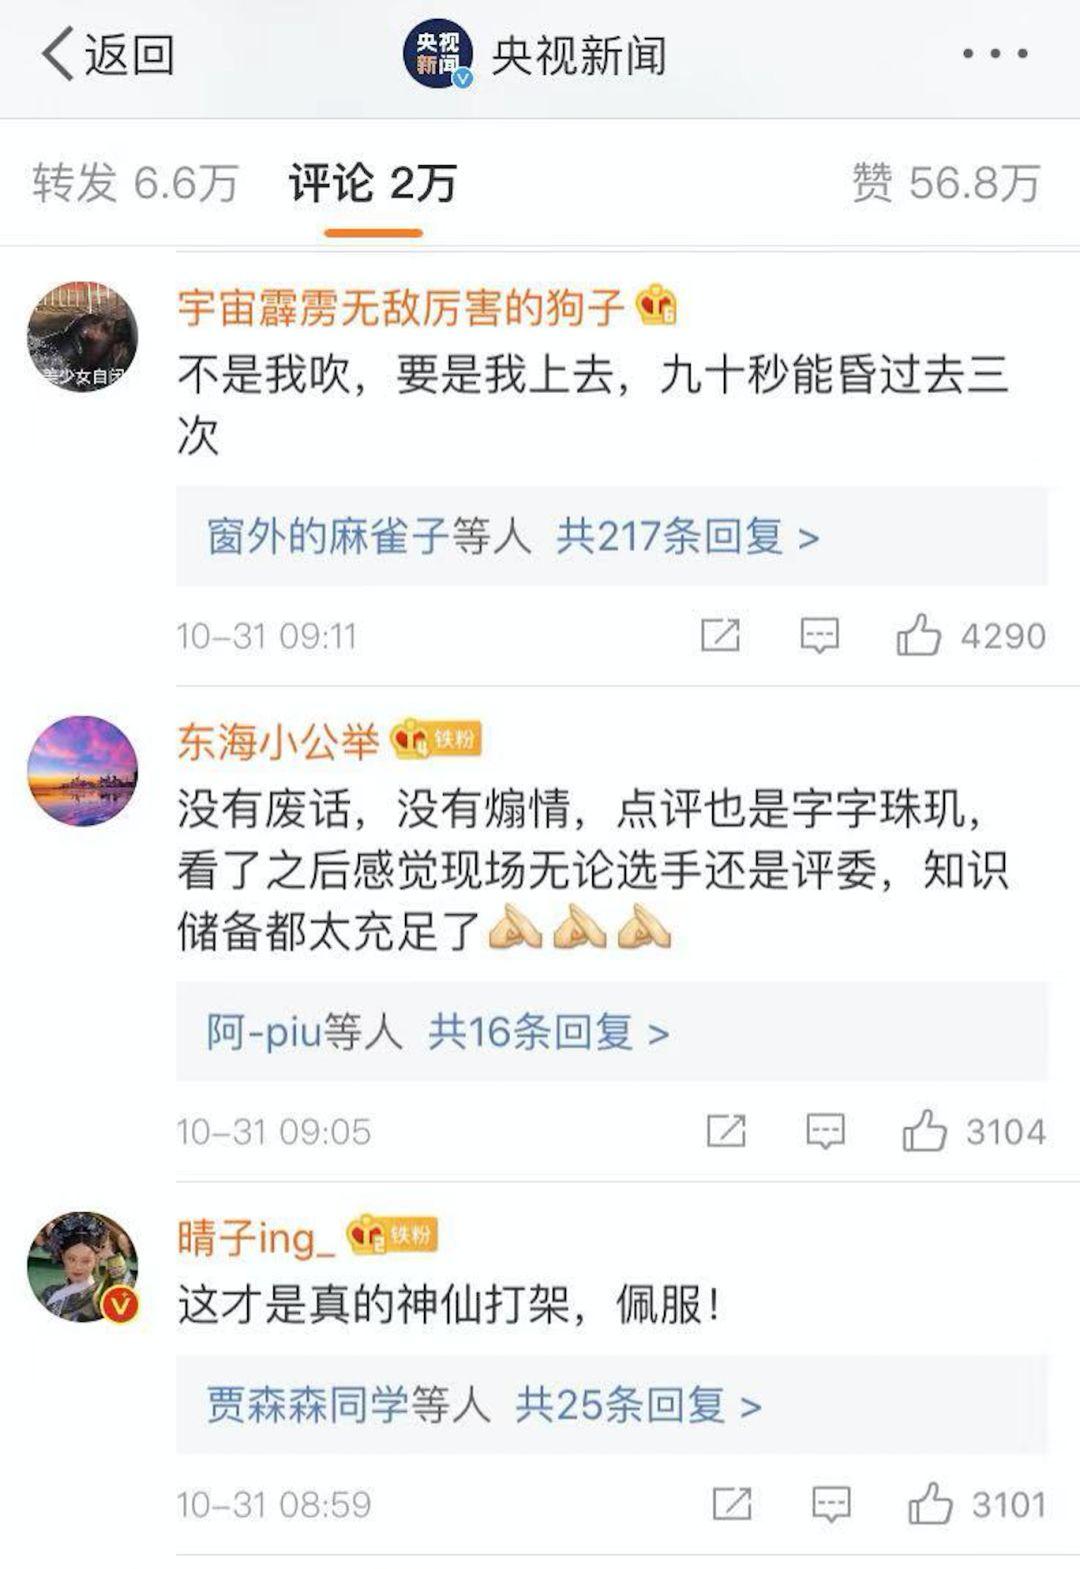 必发app官网-青岛地铁最全乘车攻略:首末班车时间、换乘时间表…请记好